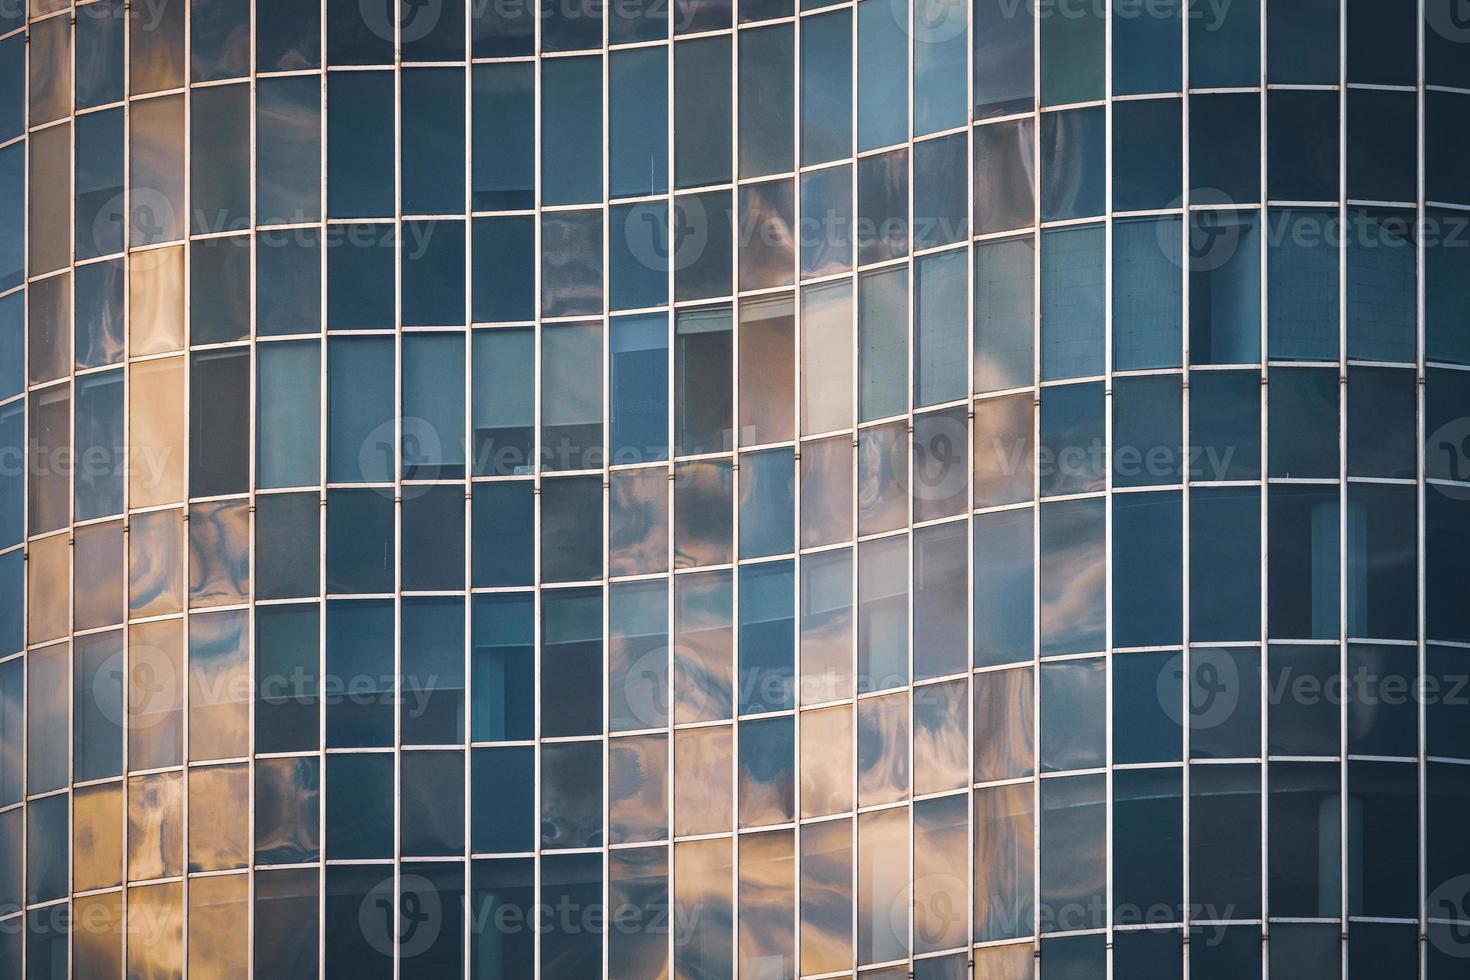 fachada curva de vidro de um prédio de escritórios foto